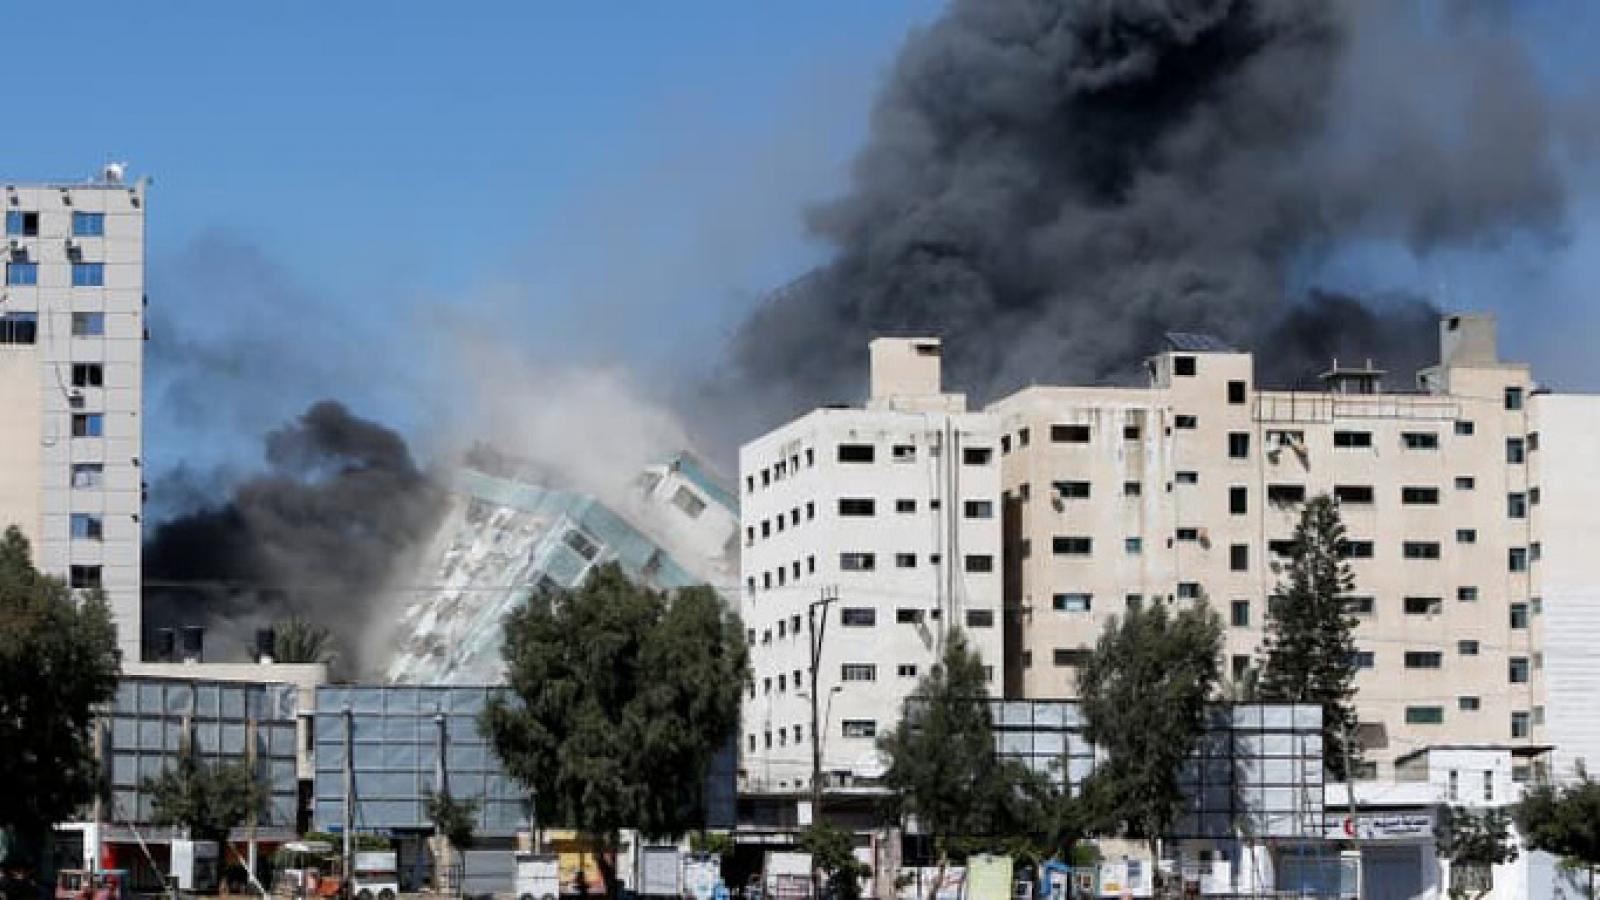 Xung đột Israel-Palestine bước sang tuần thứ 2, nguy cơ tái diễn kịch bản giao tranh 2014